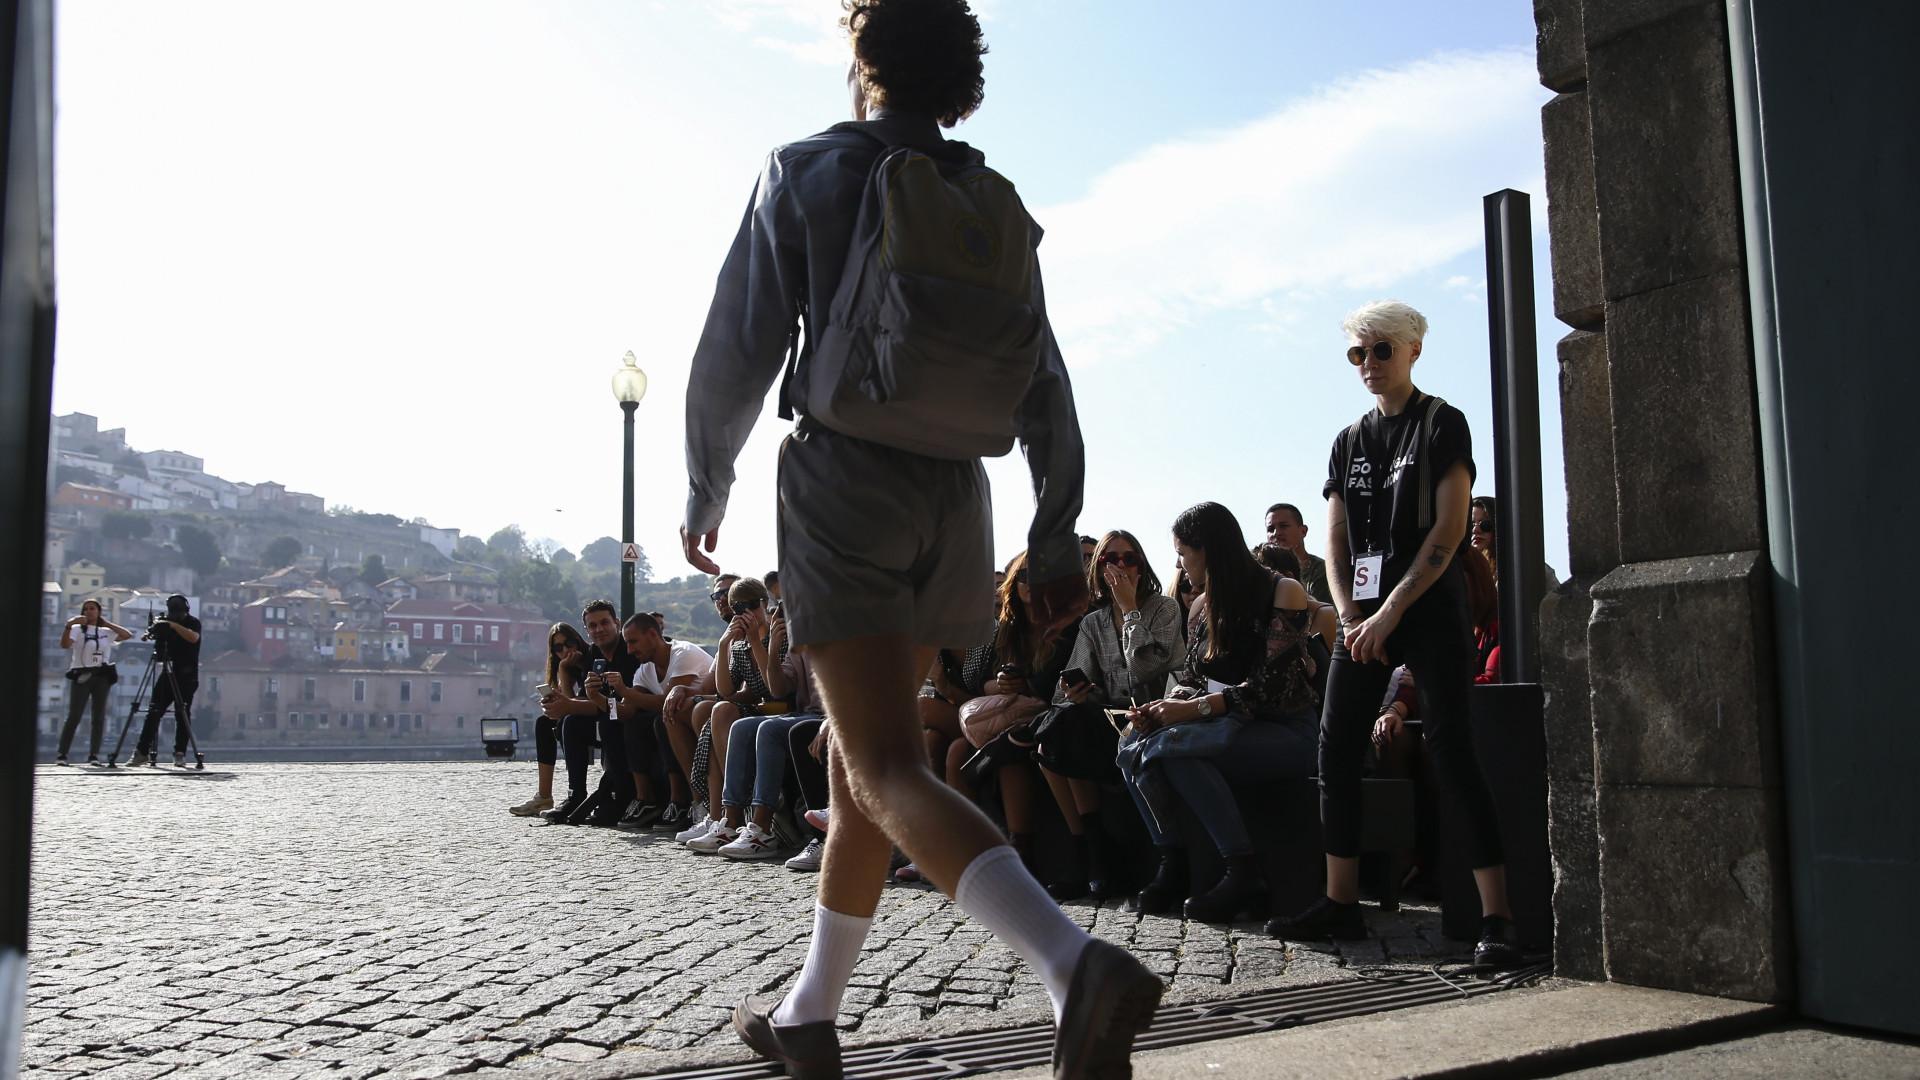 Último dia do Portugal Fashion conta com estreia de Marques'Almeida